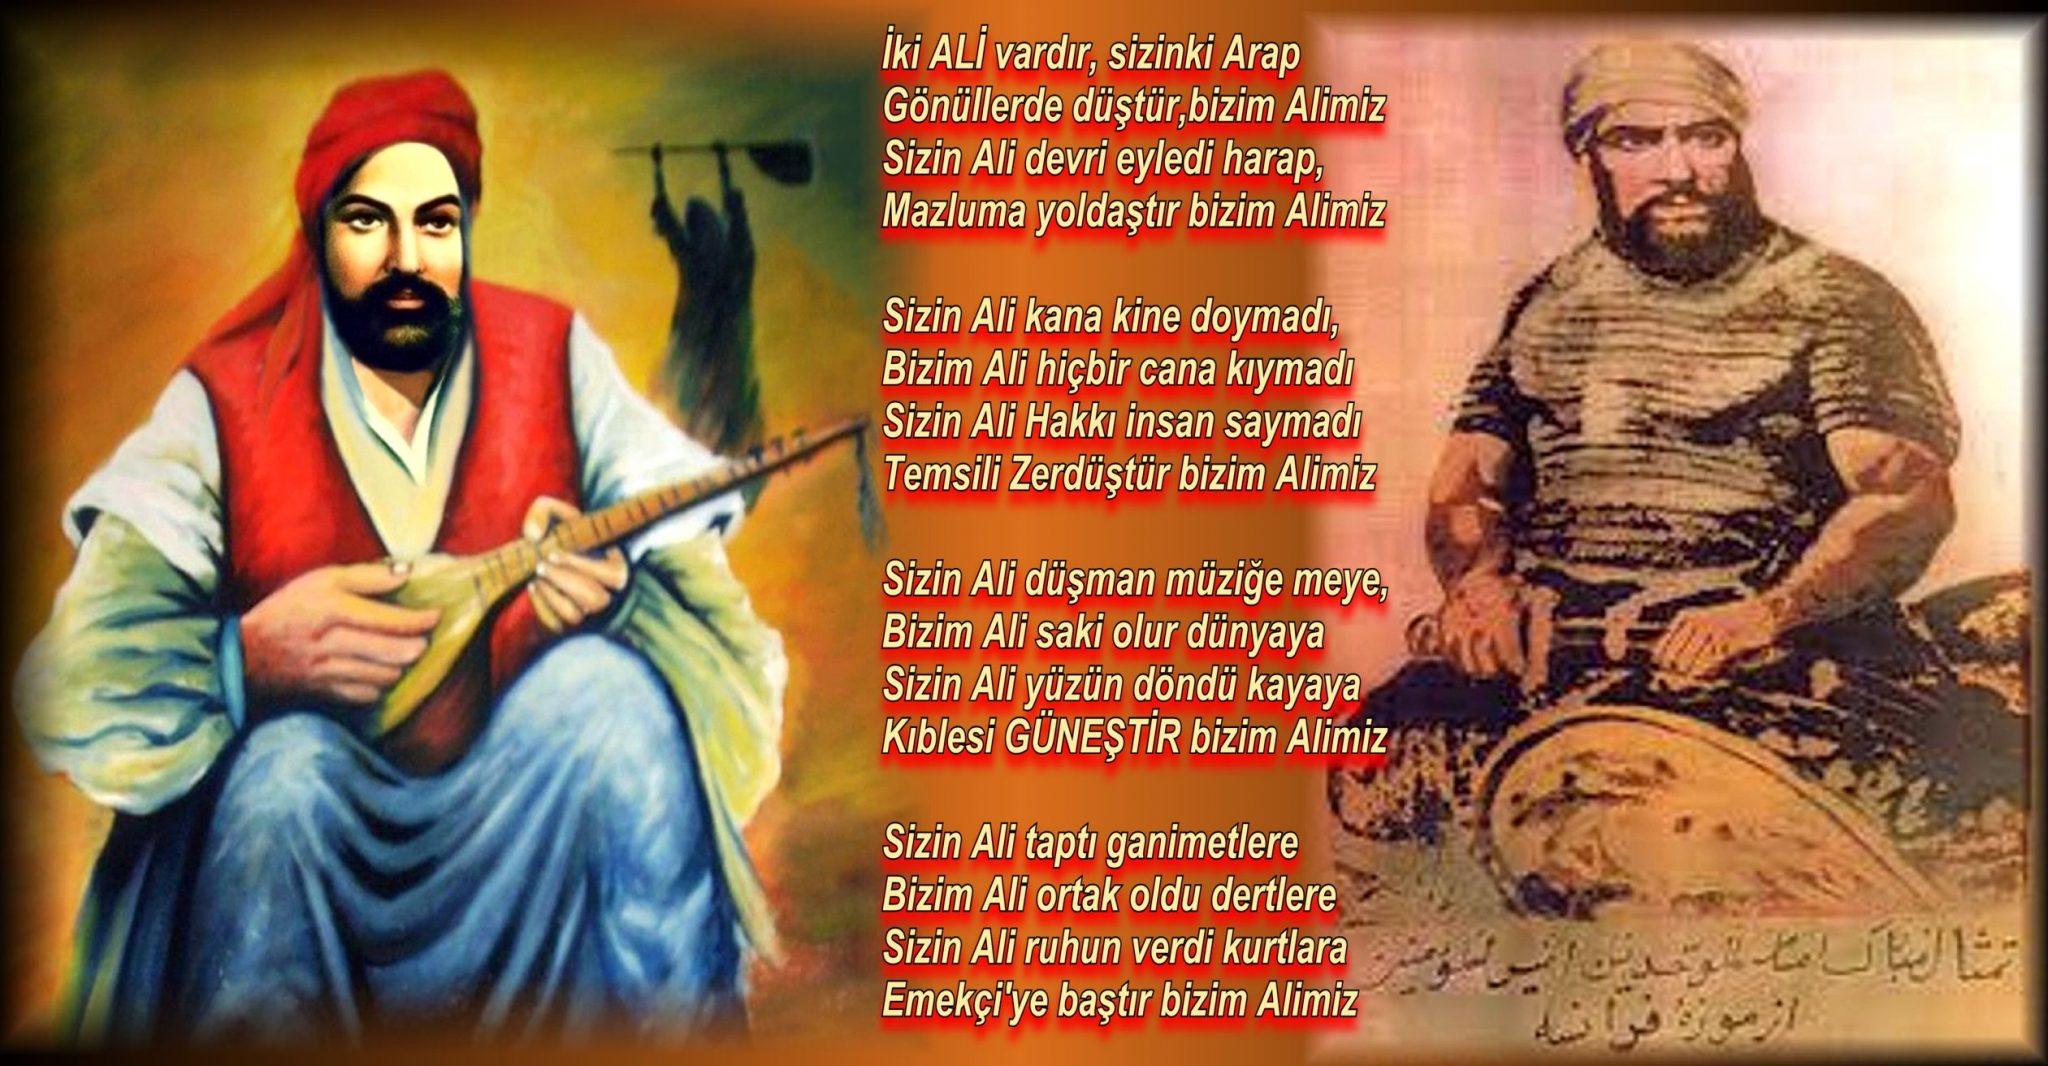 Alevi Bektaşi Kızılbaş Pir Sultan Devrimci Aleviler Birliği DAB arap ali kizilbas saz 2 ali vardir